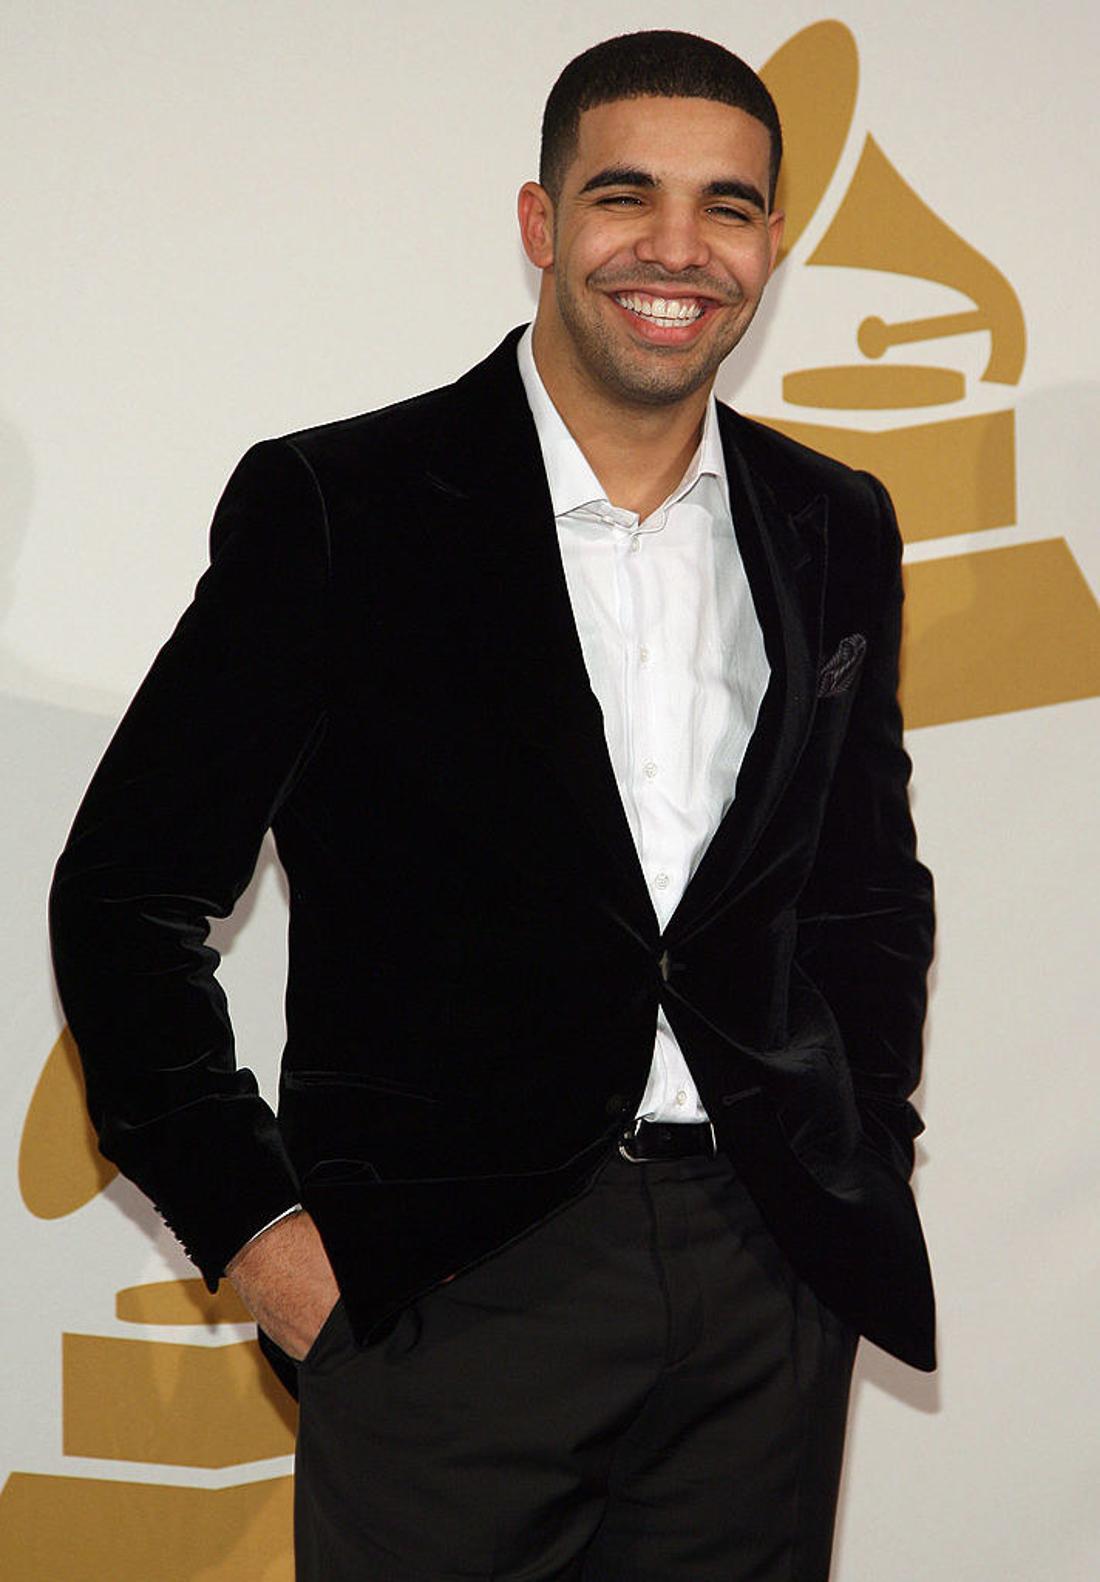 Drake posiert beim Konzert zu den Grammy-Nominierungen in Los Angeles am 2. Dezember 2009 für ein Foto. Die 52. jährliche Verleihung der Grammy Awards findet am 3. Januar 2010 statt. Beyoncé lag bei der 52. Verleihung der Grammy Awards mit 10 Nominierungen vorne, gefolgt vom Teeniecountrystar Taylor Swift mit acht. AFP PHOTO / VALERIE MACON (der Bildnachweis sollte VALERIE MACON/AFP/Getty Images lauten)